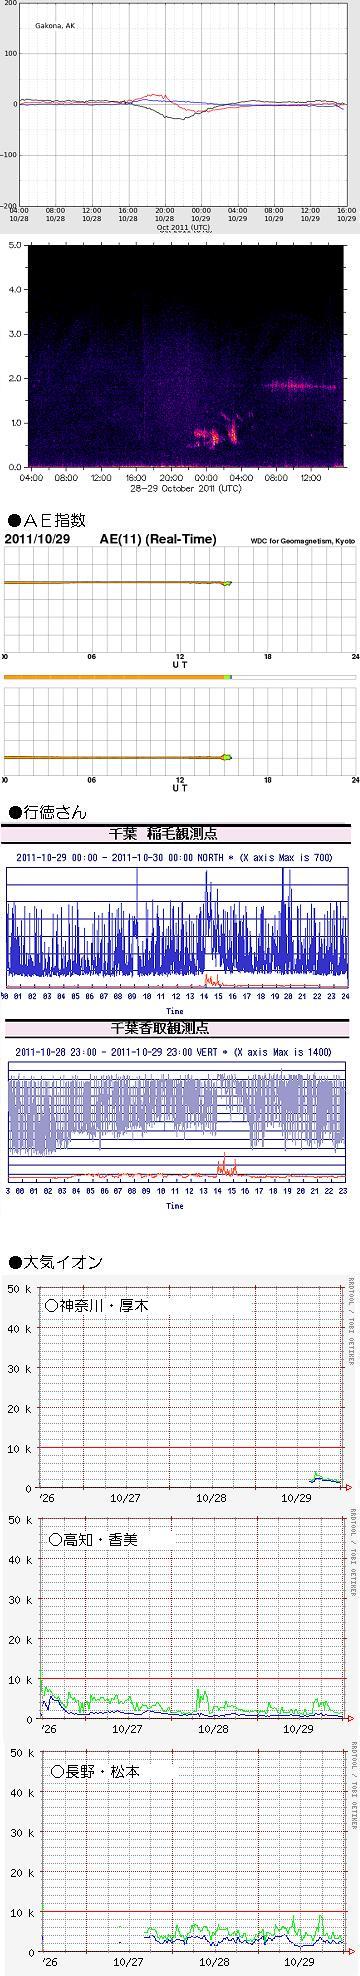 1030-1 データ